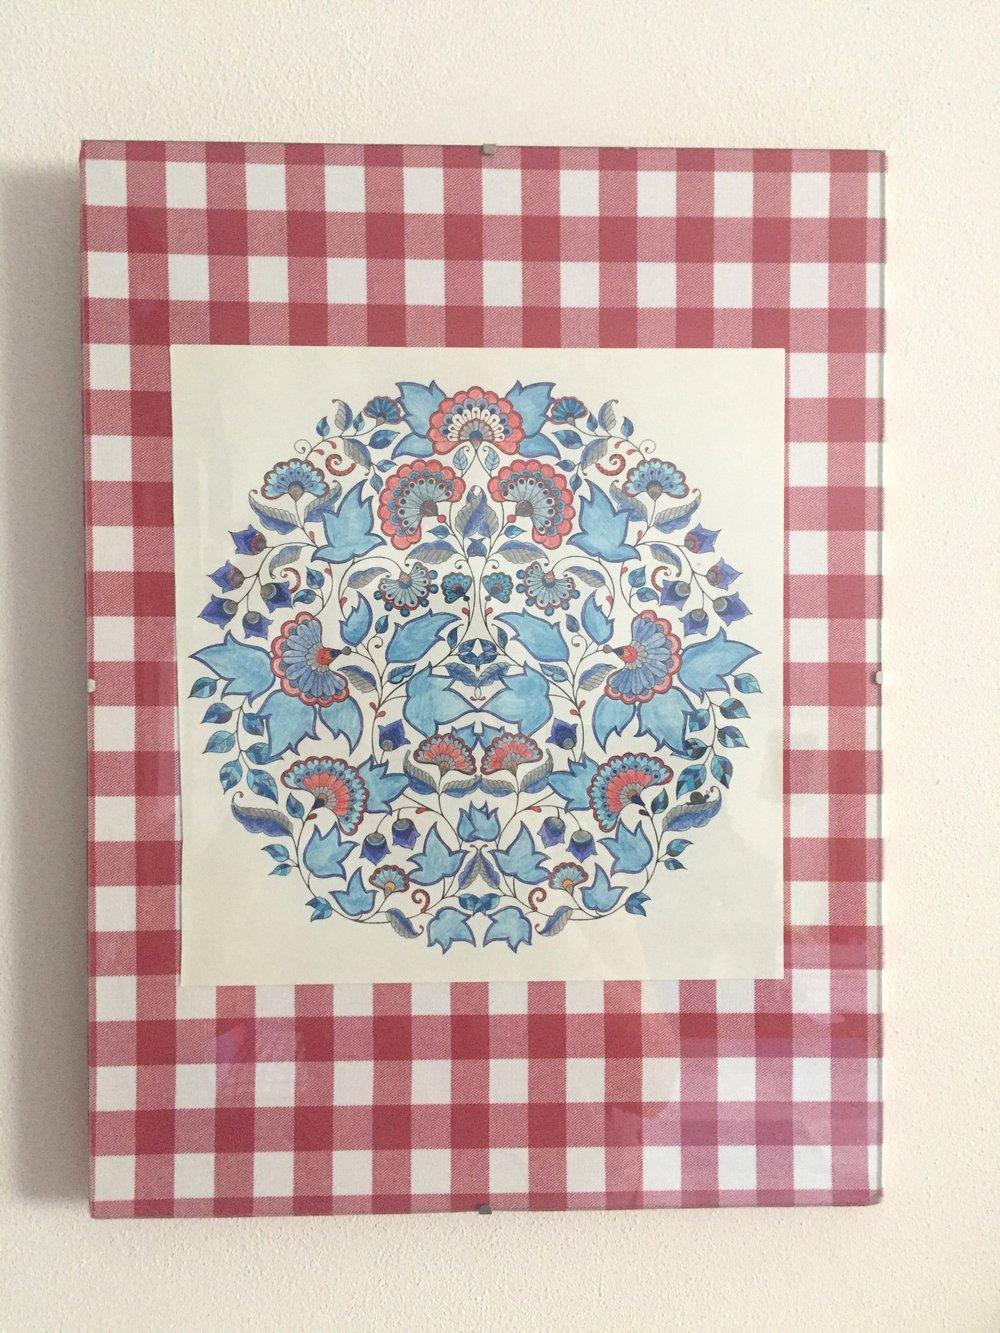 Antyrama obłożona kawałkiem tkaniny i ręcznie malowana ilustracja.